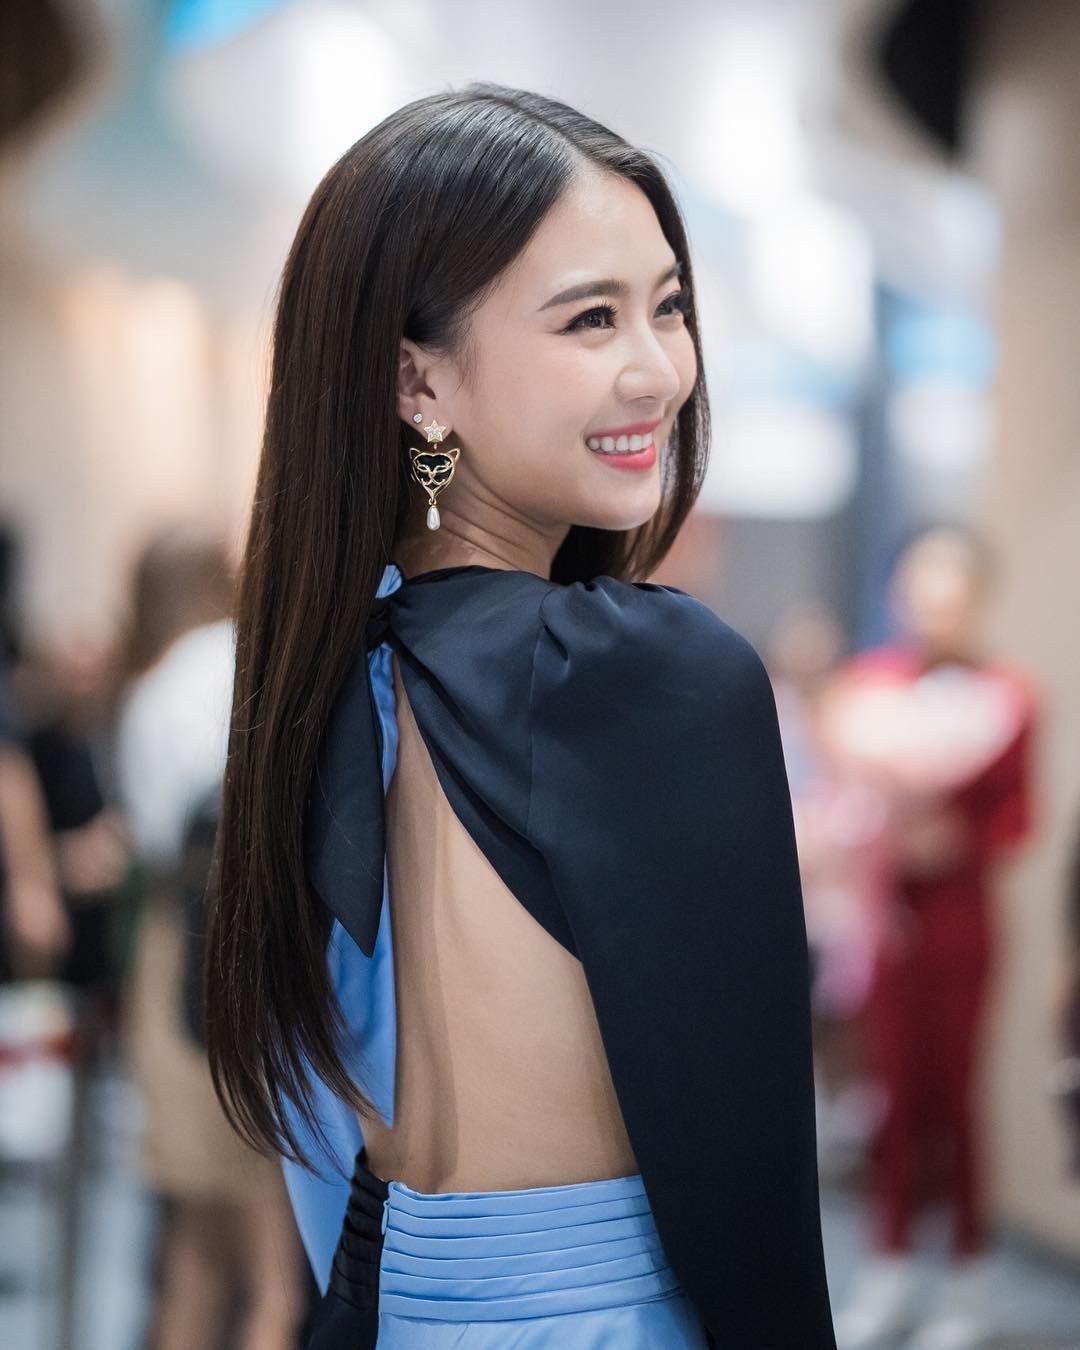 Danh sách những ngôi sao tuổi Hợi nổi tiếng đình đám màn ảnh Thái Lan (14)